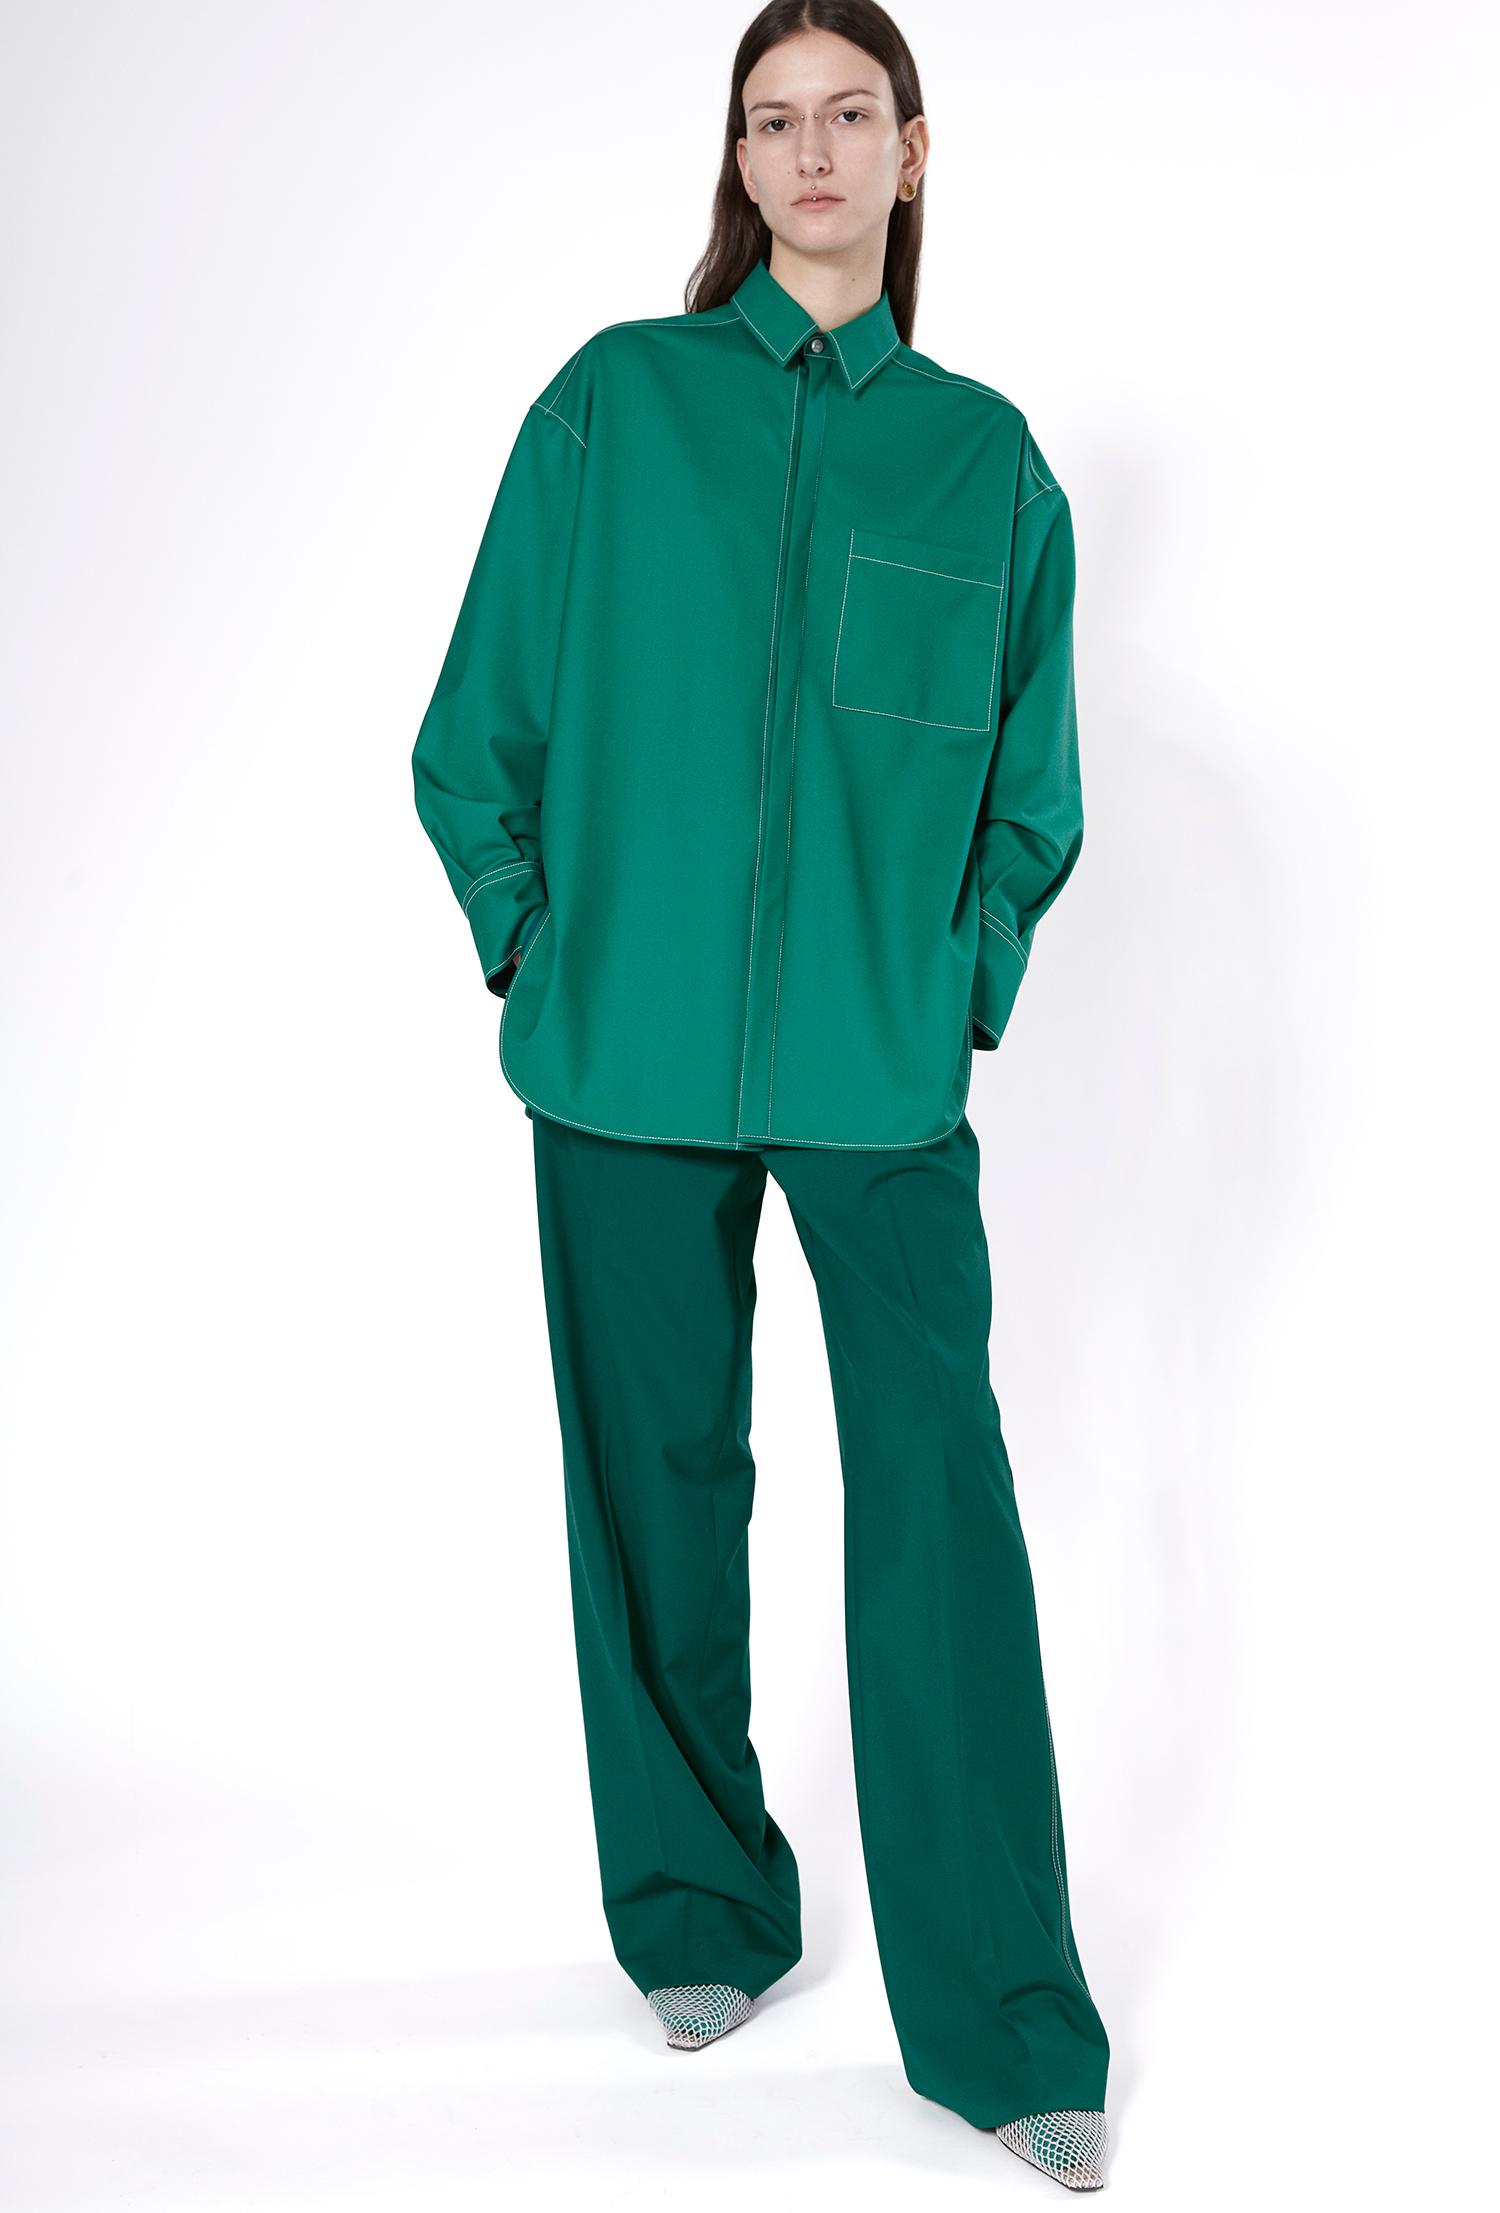 Blouse RIM Trousers ROMINA